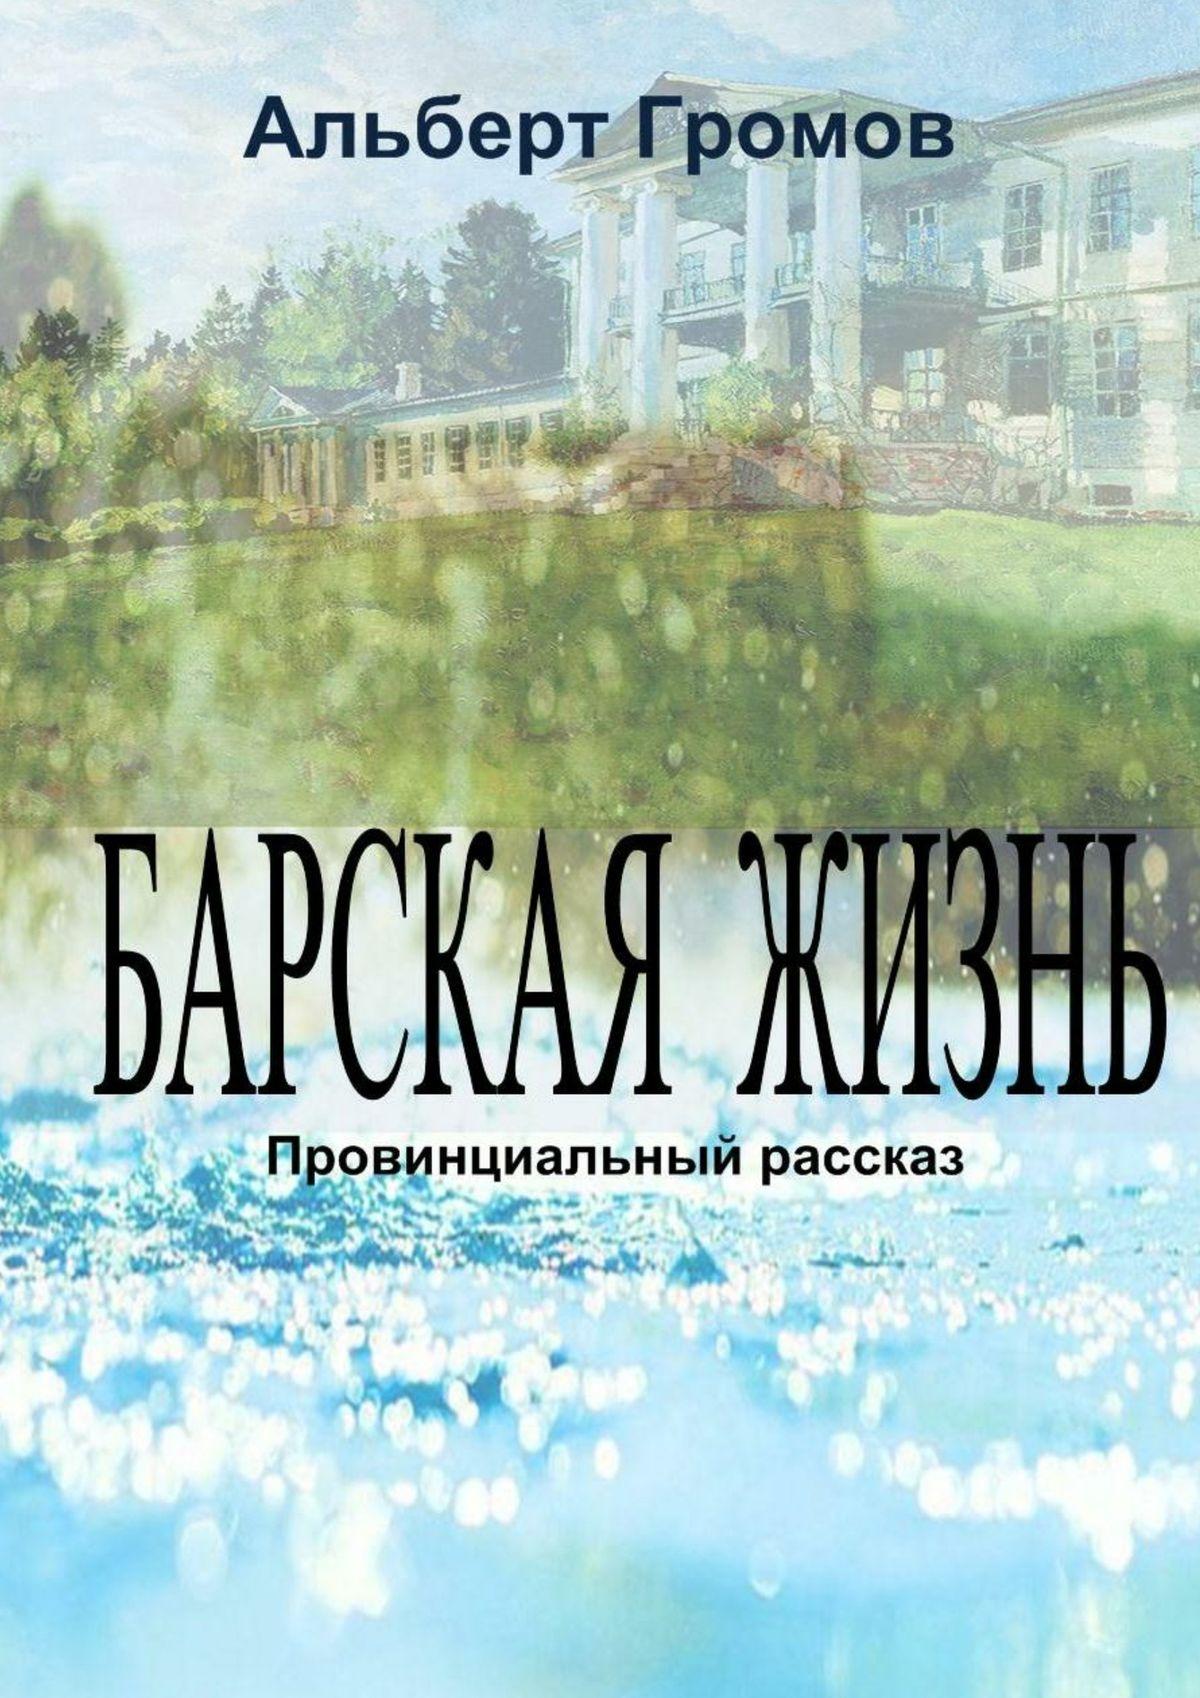 Альберт Громов Барская жизнь альберт громов разговоры